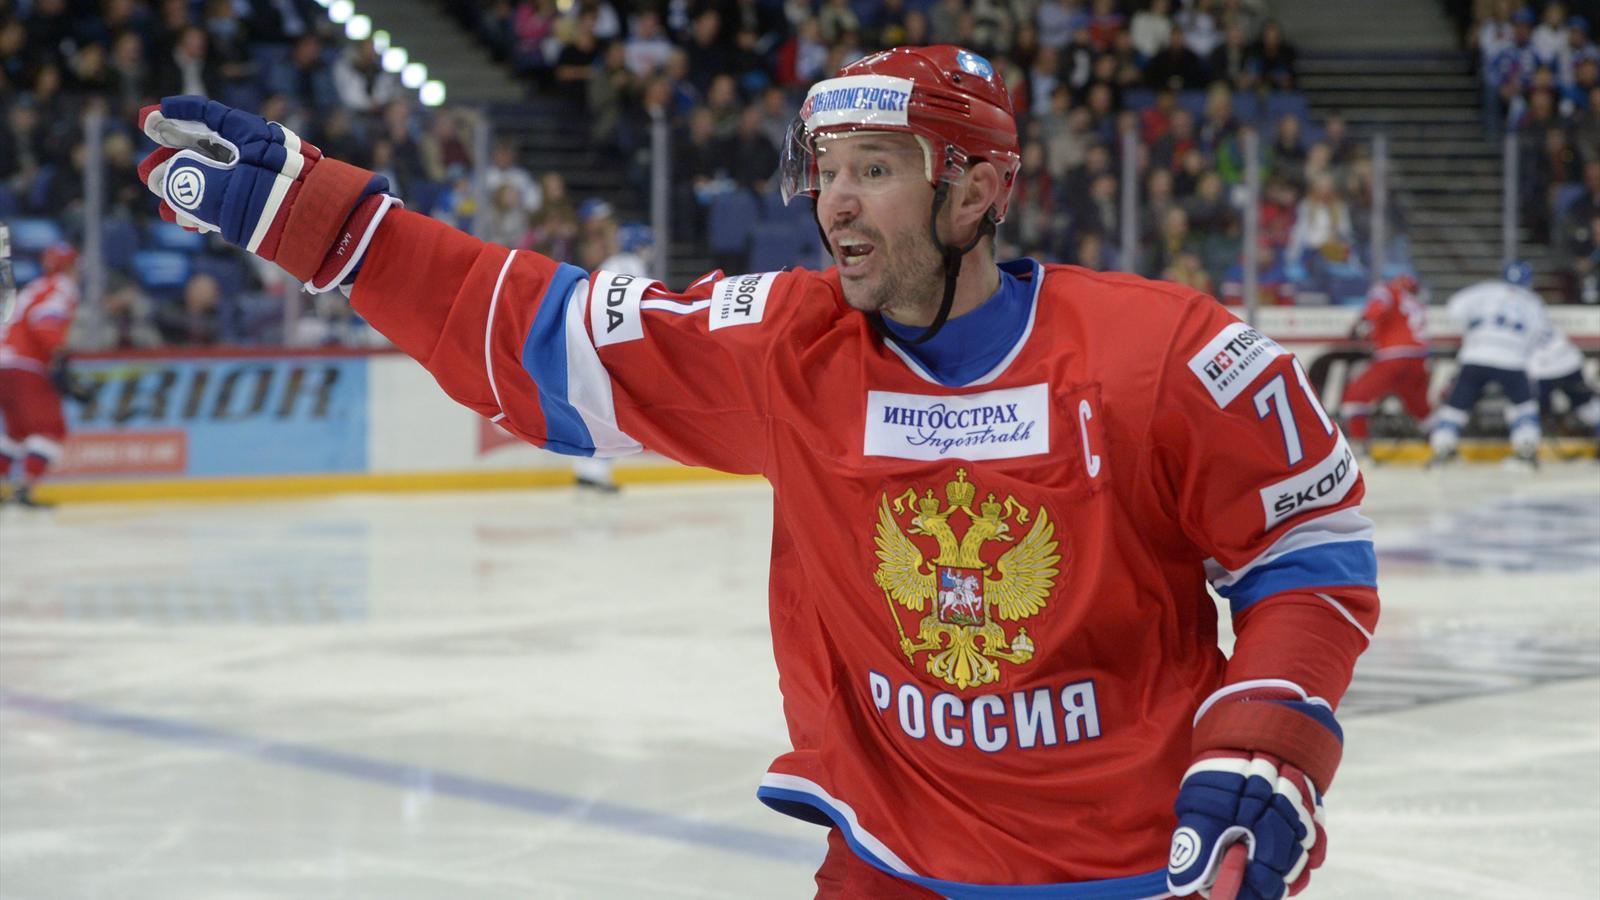 Русский хоккеист Ковальчук о падении курса рубля: